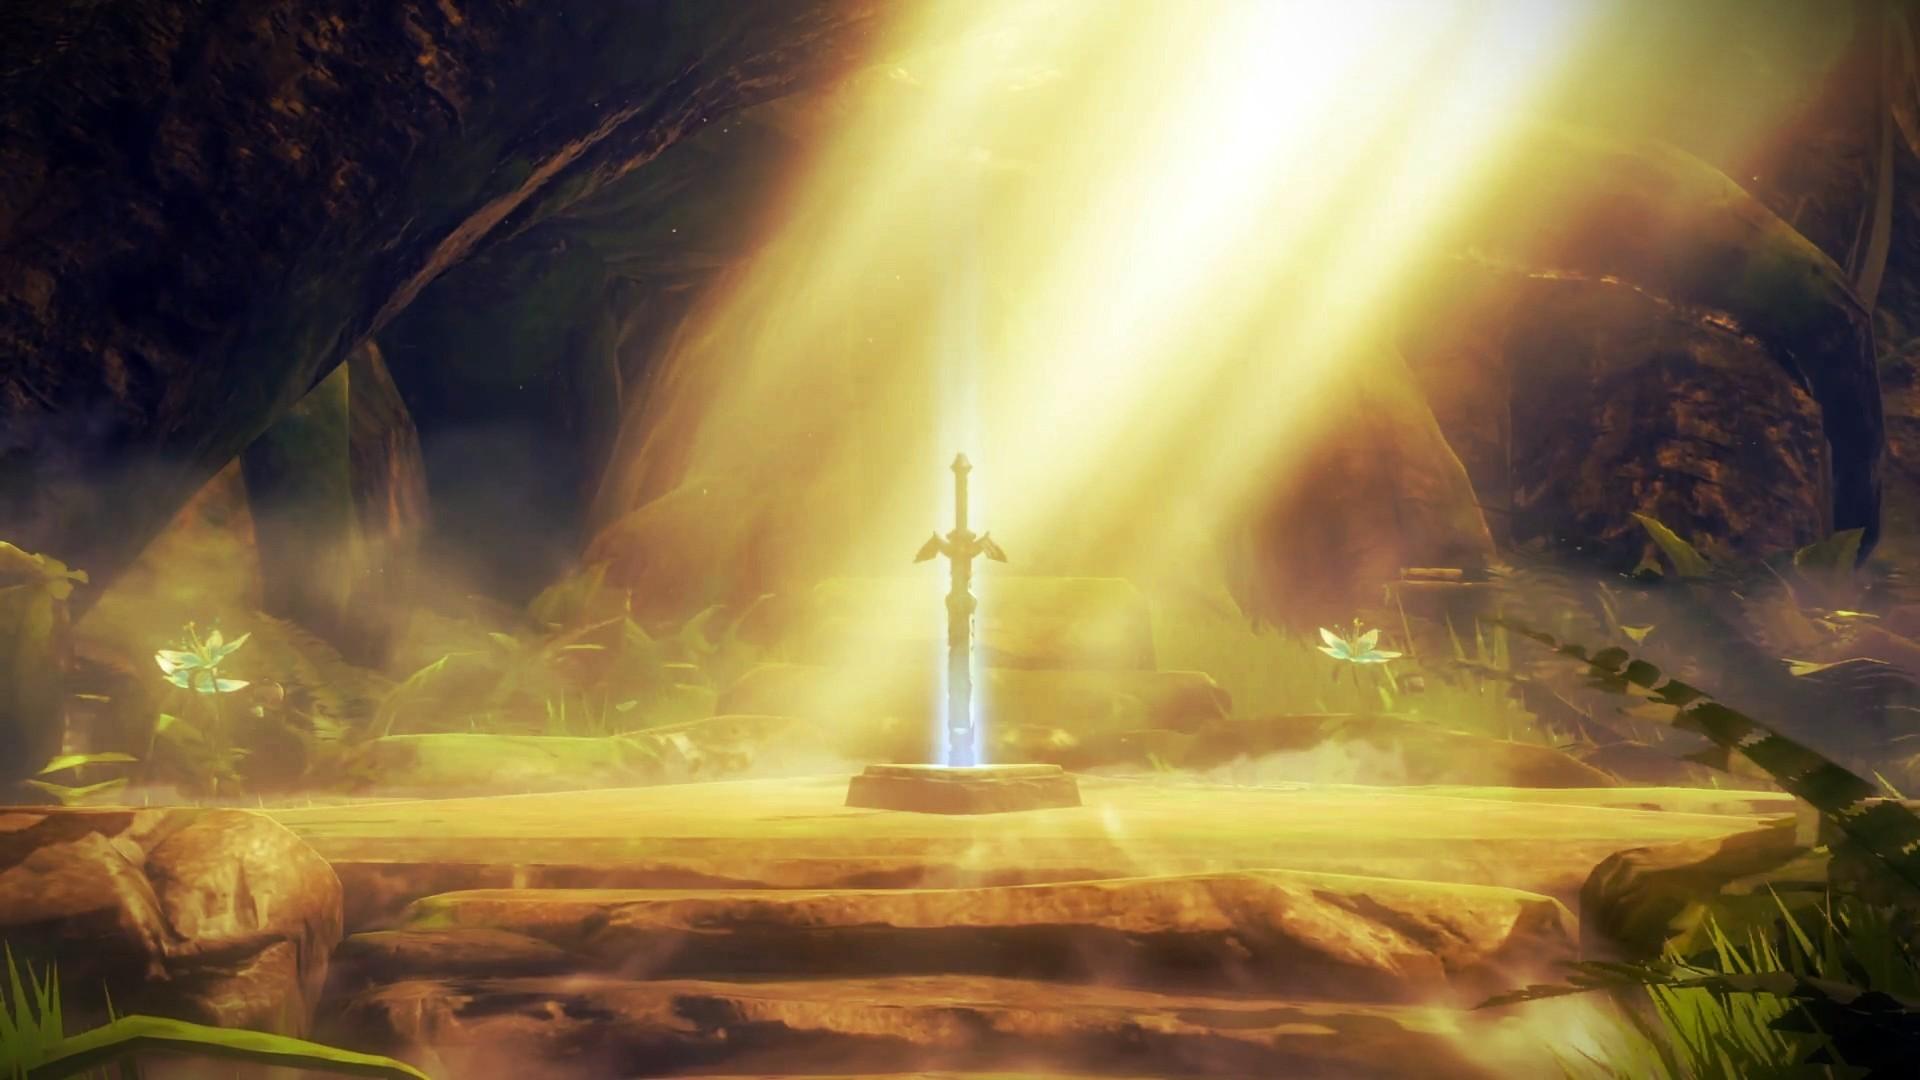 The Legend of Zelda: Breath of the Wild – 1080p Wallpapers